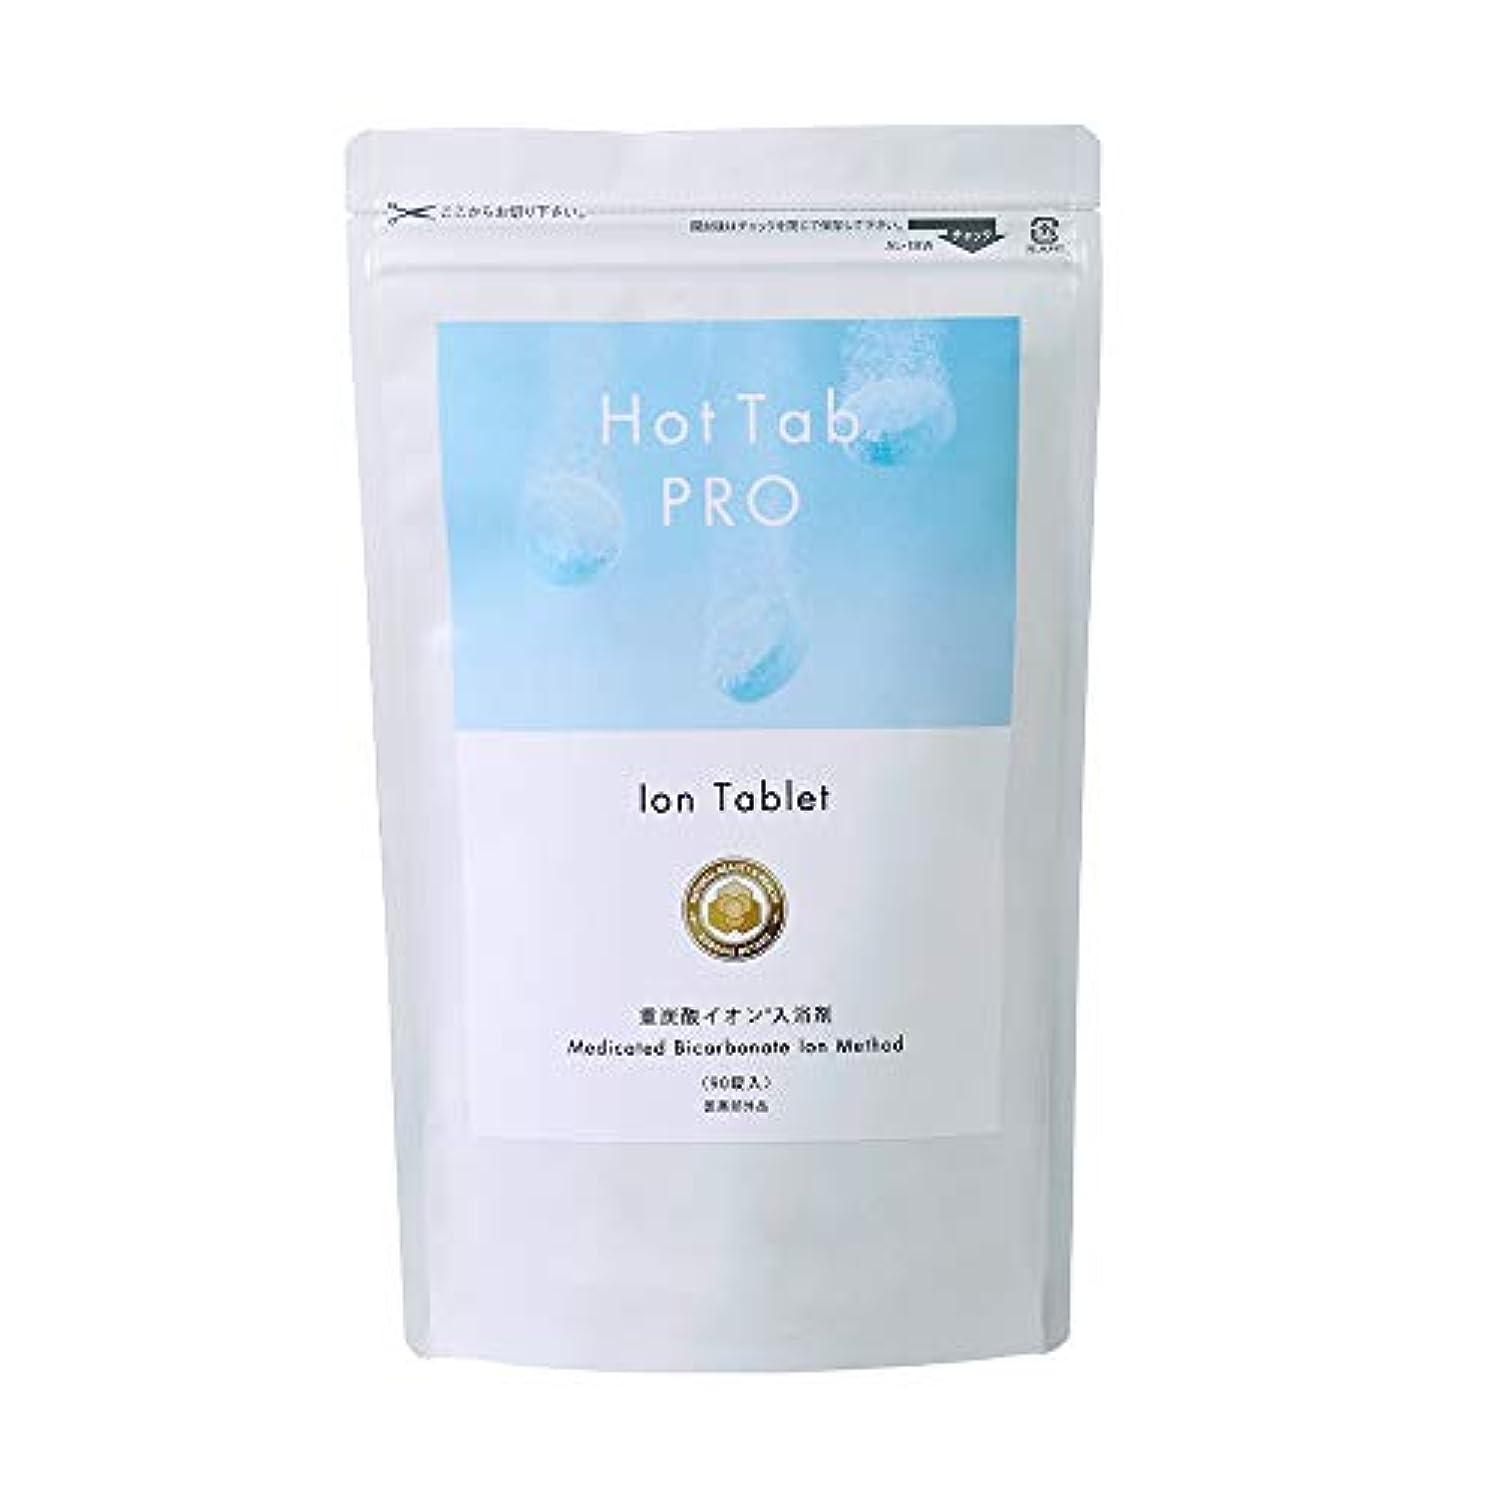 スタック凍結やる最新型 日本製なめらか重炭酸入浴剤「ホットタブPro」(デリケートな肌でも安心 無香料 無着色 中性pH) (お得な90錠セット)